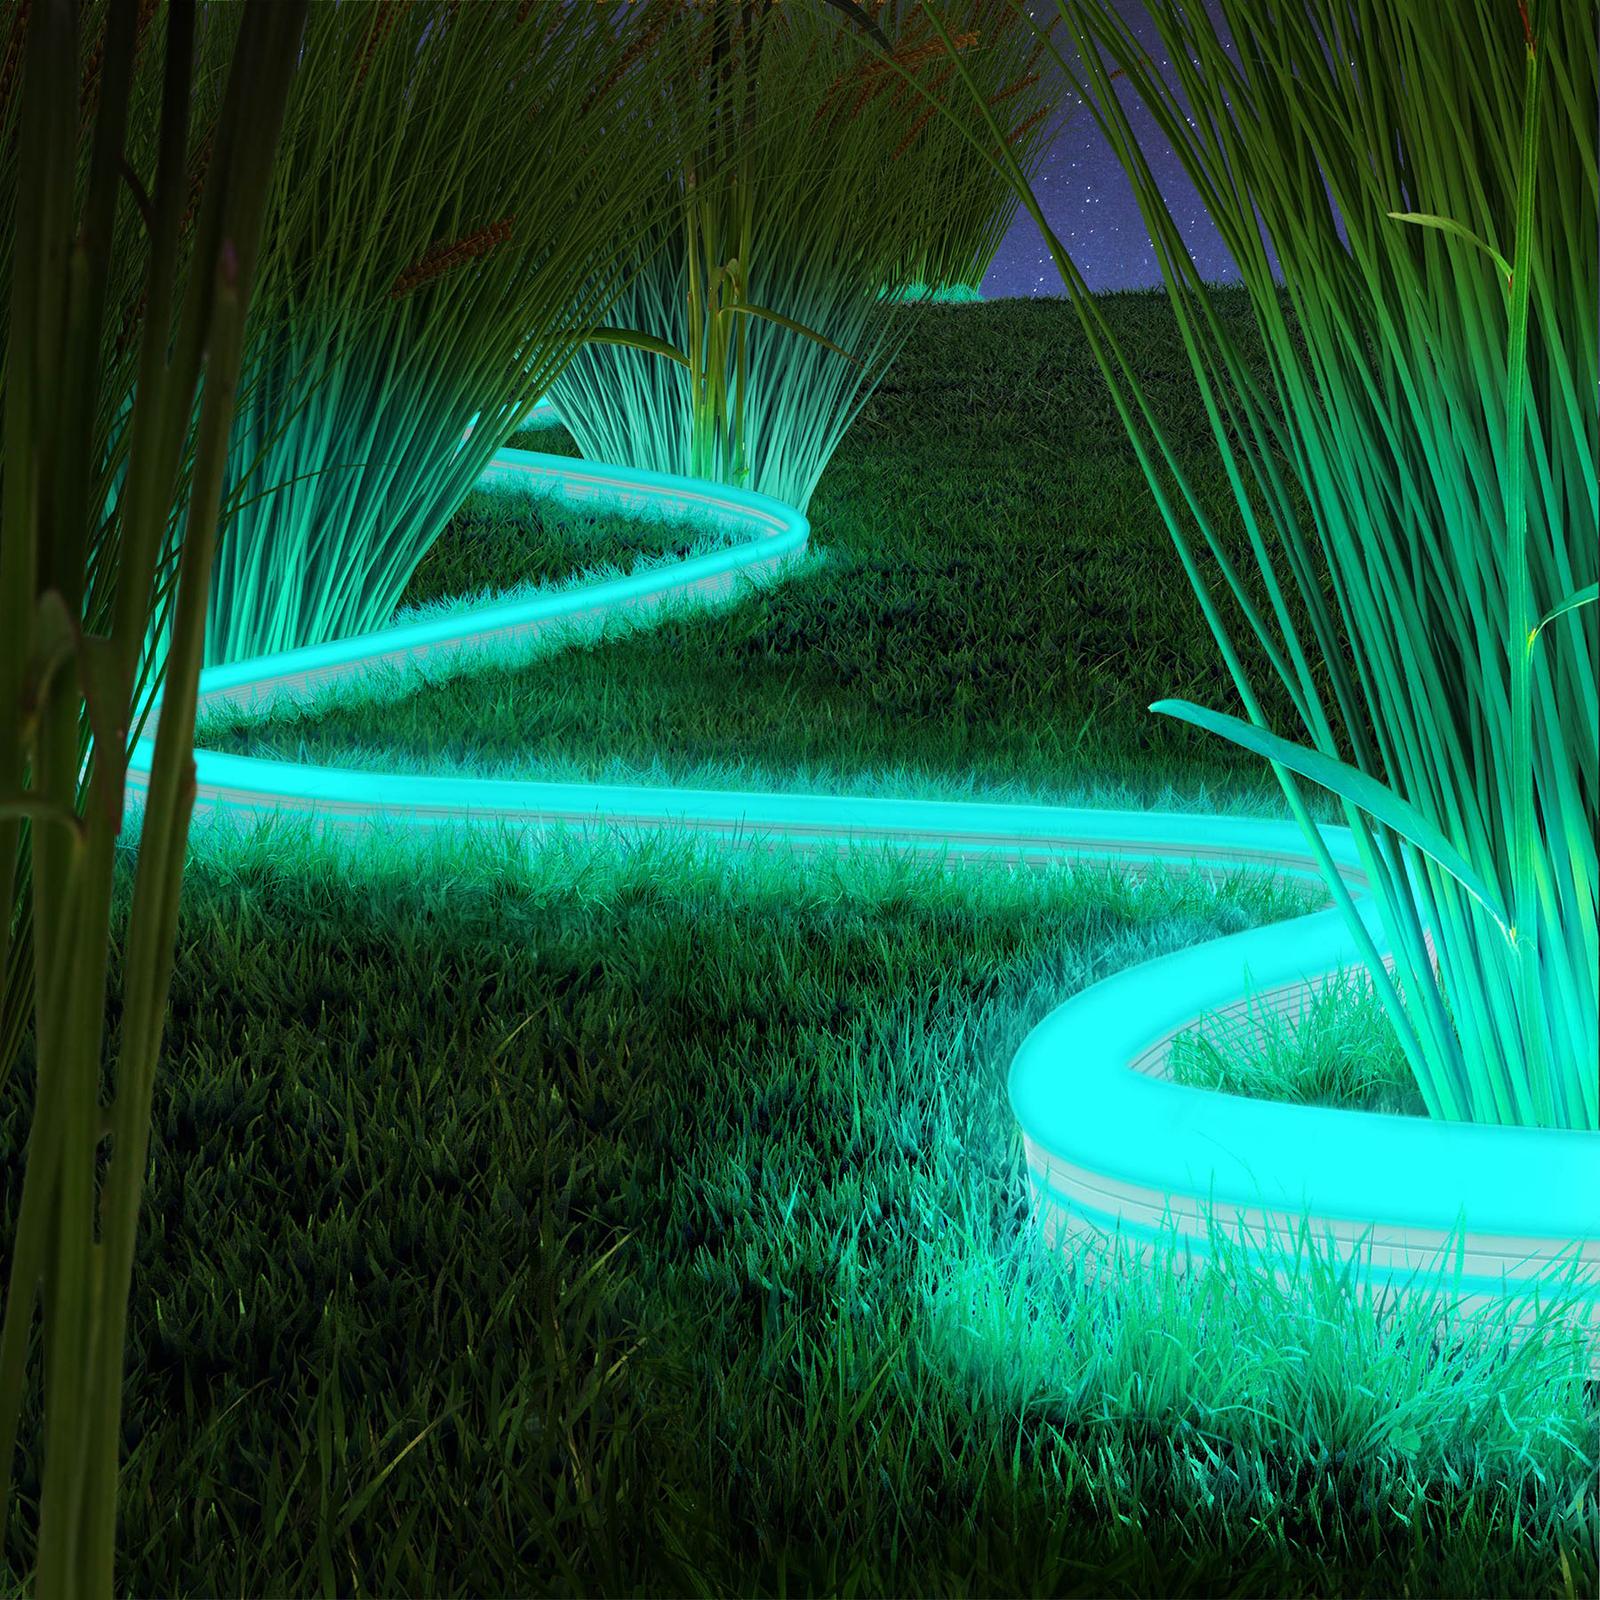 Indre LED-lysbånd Smart Outdoor, 2 m